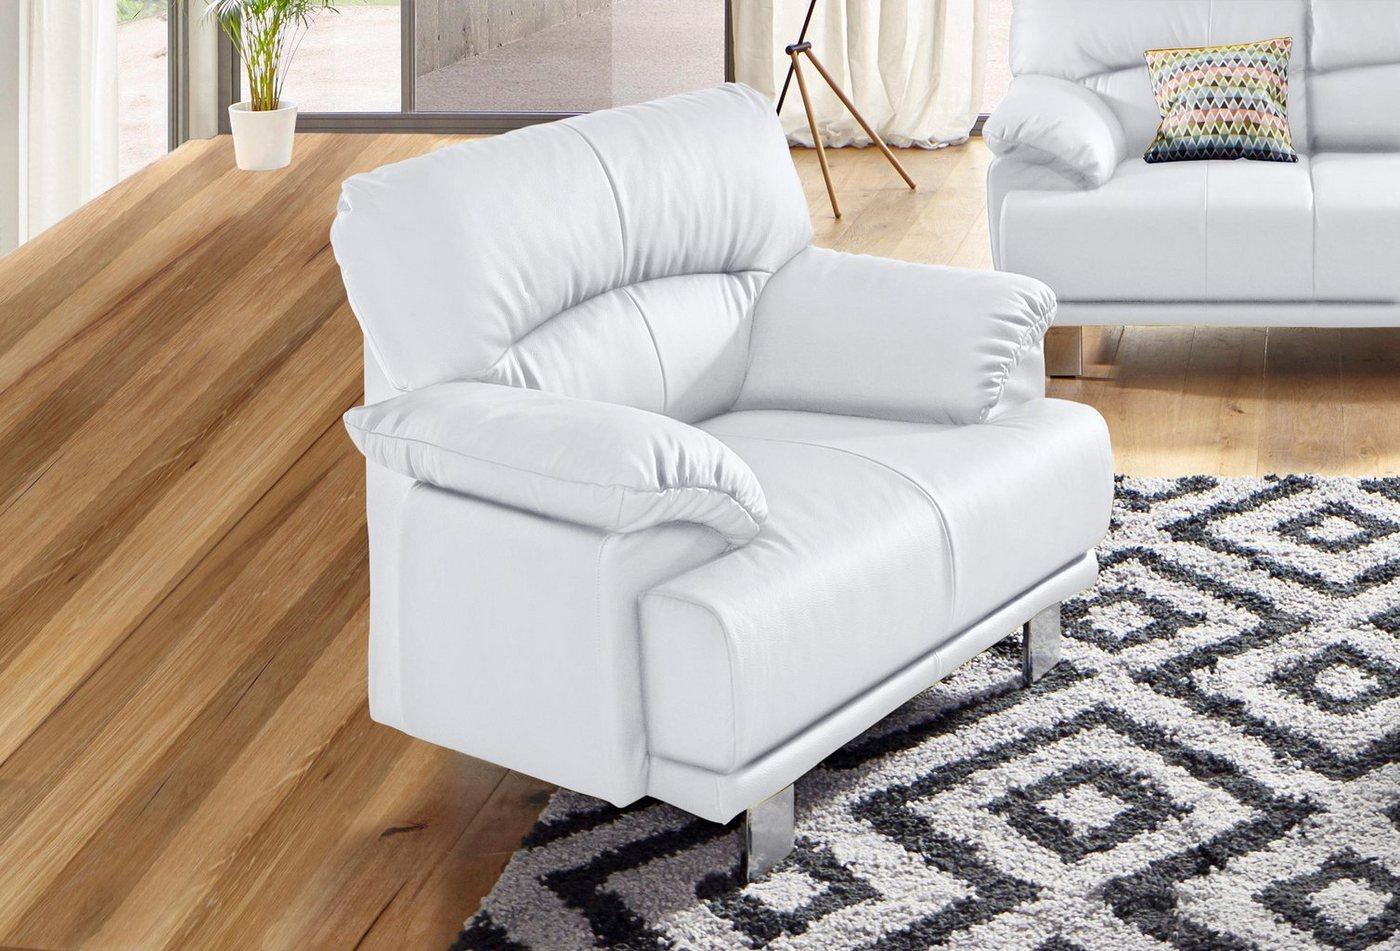 COTTA fauteuil